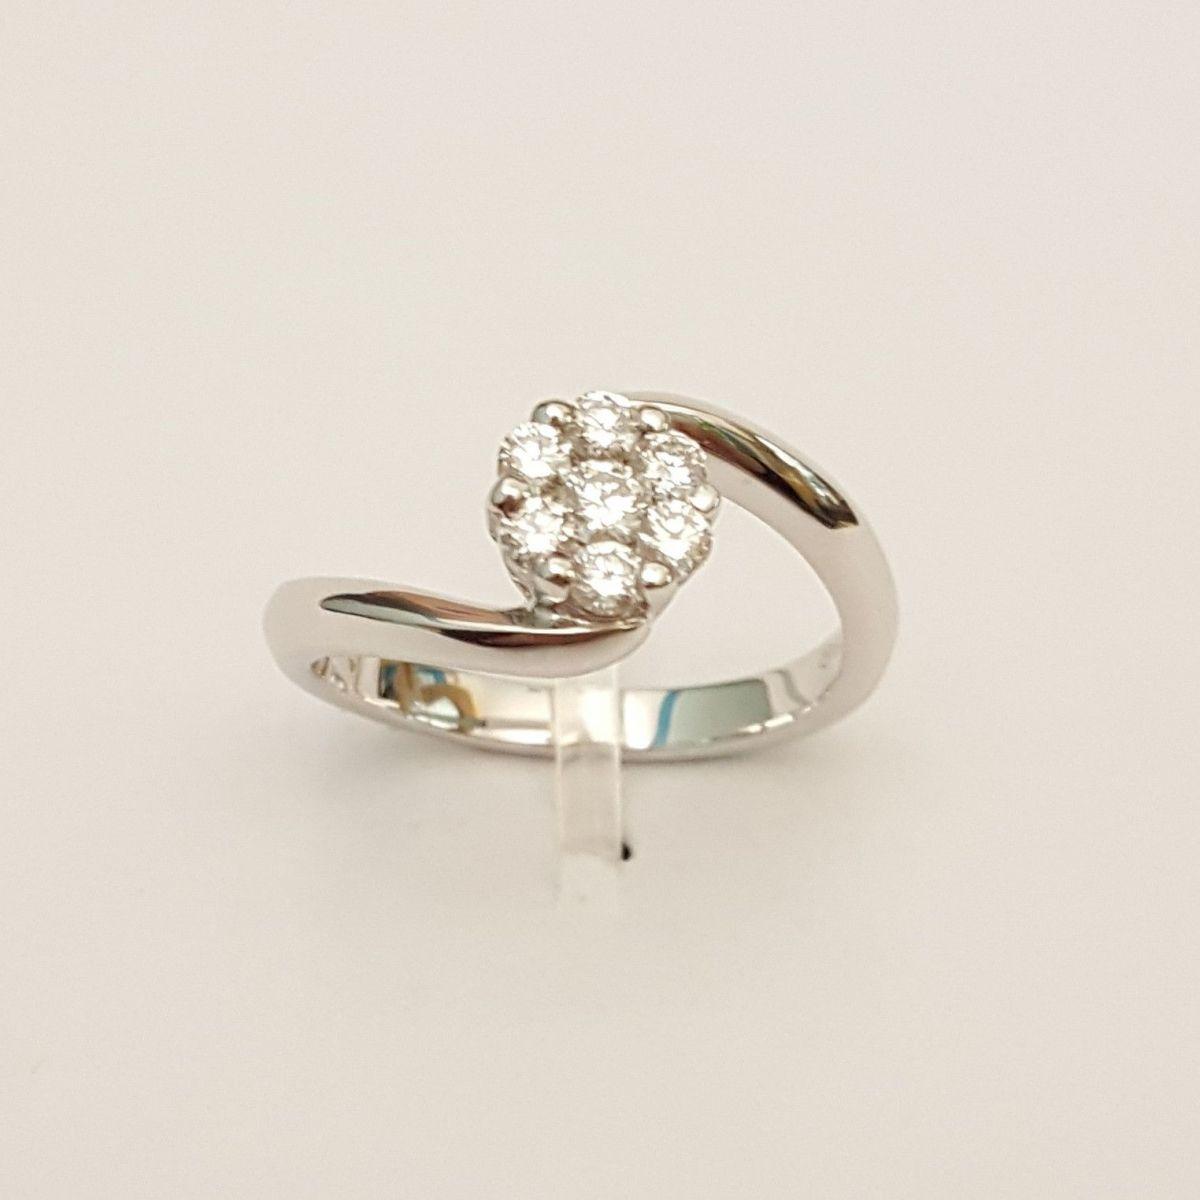 Anello Donna Oro in Oro Bianco TF2738.35 con Diamanti